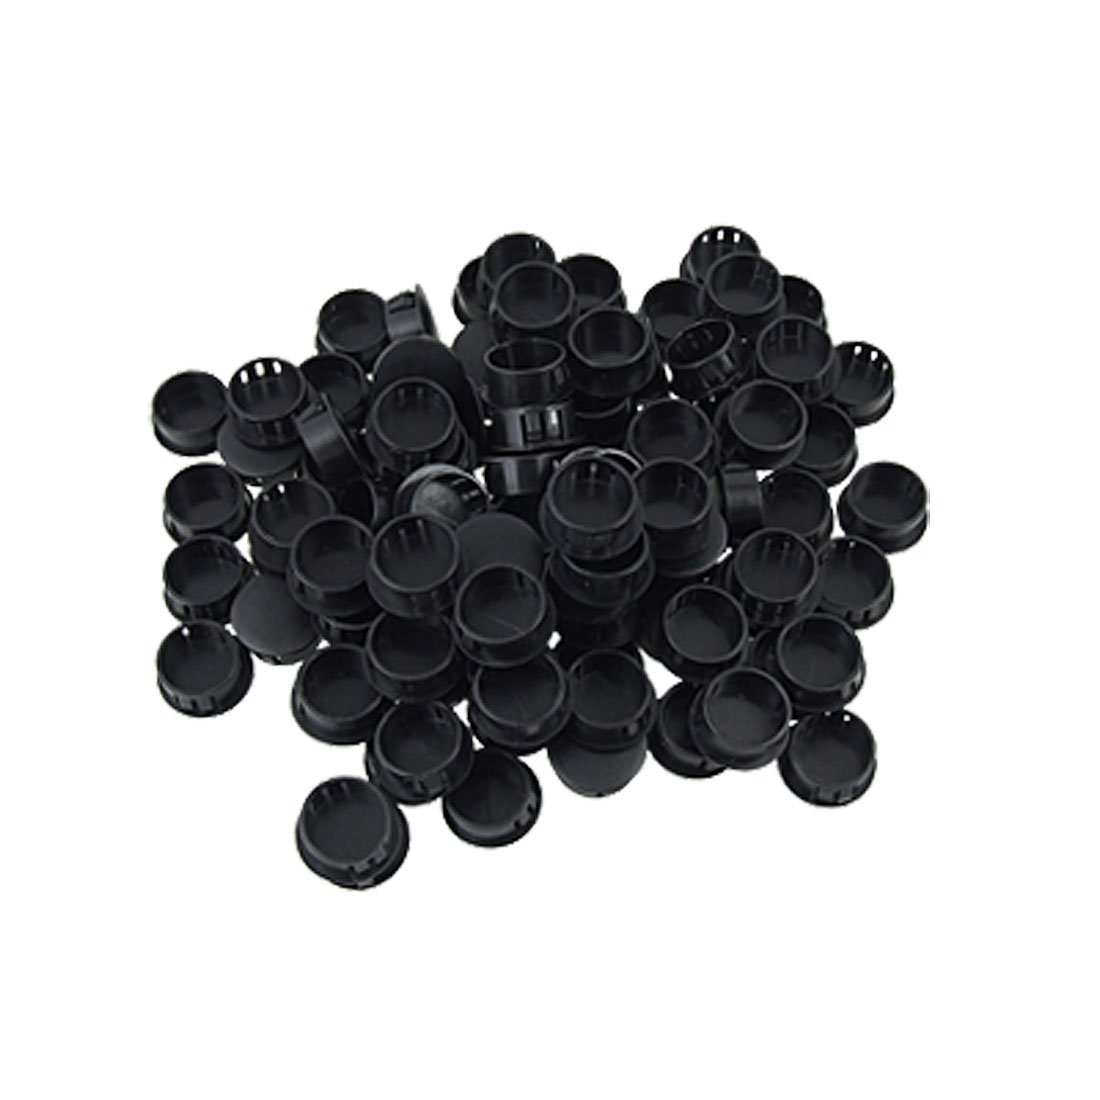 100 Pieces Black Plastic 5/8'' Dia Hole Locking Plugs